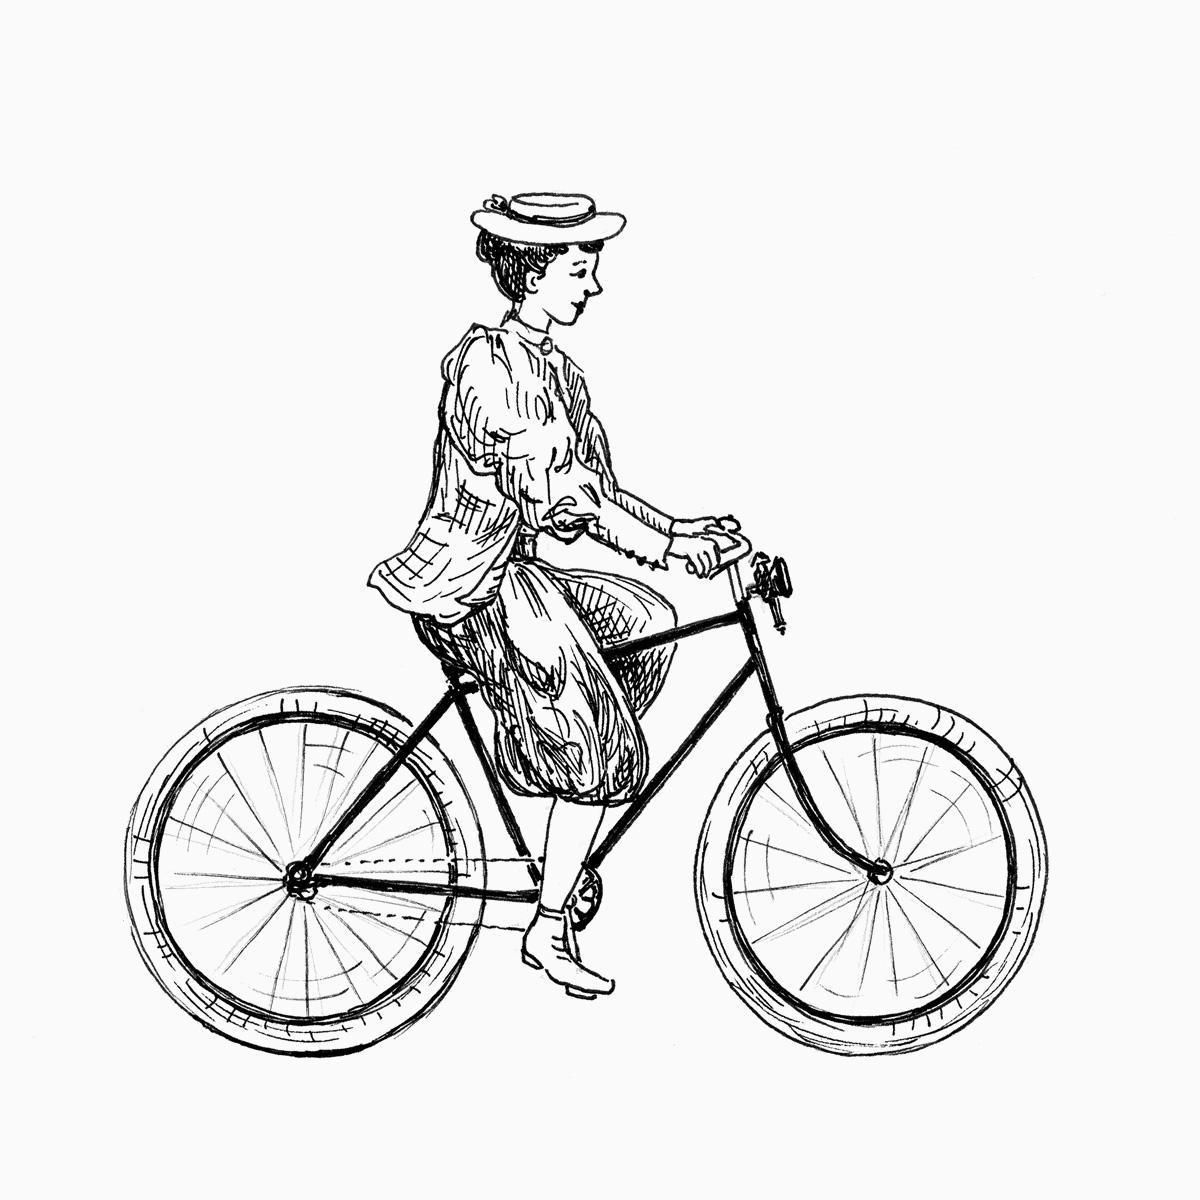 Frau fährt ein Fahrrad mit Luftreifen (Zeichnung)